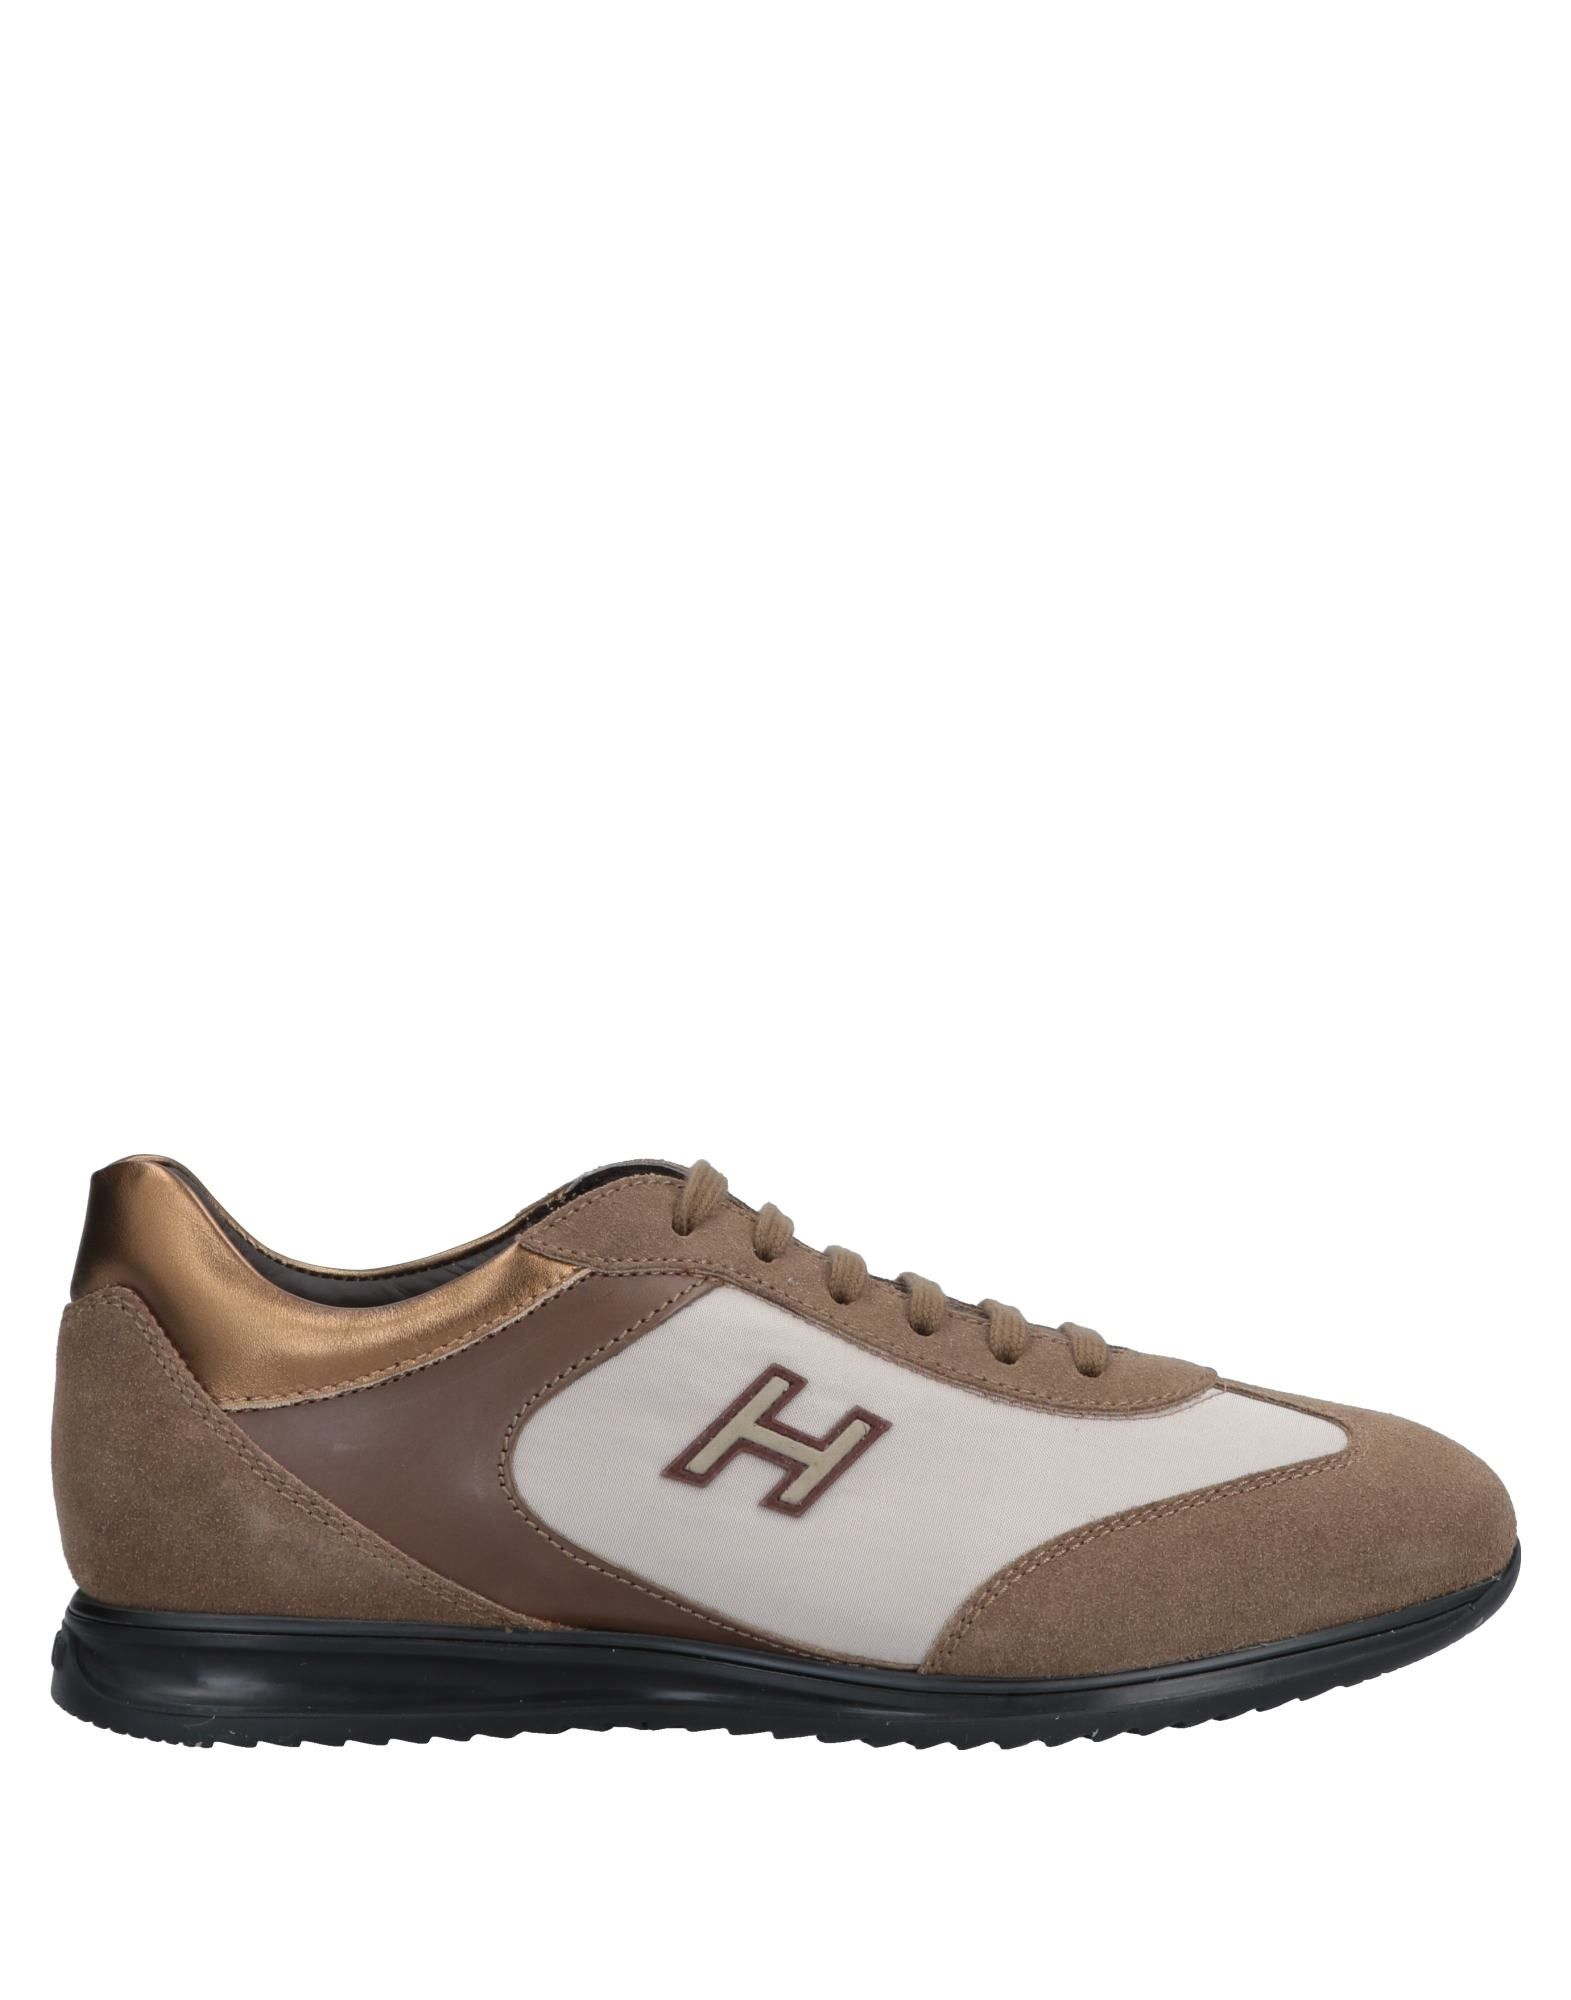 Zapatillas Hogan Hombre - - - Zapatillas Hogan  Caqui 4b890a